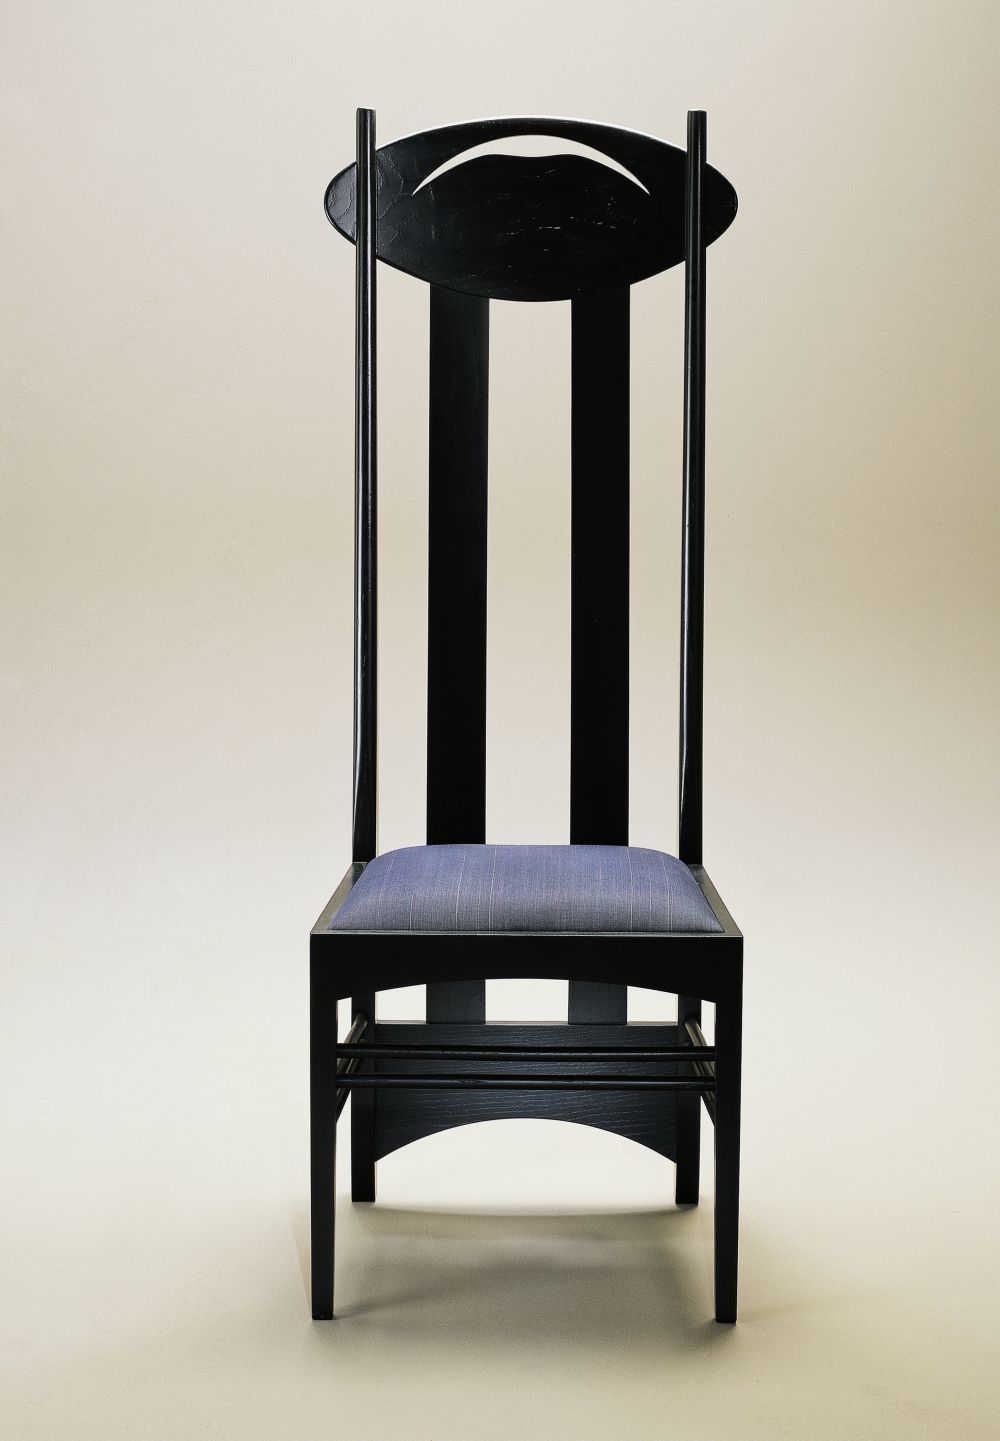 La silla diseñada en 1898 es distribuida actualmente por Cassina.